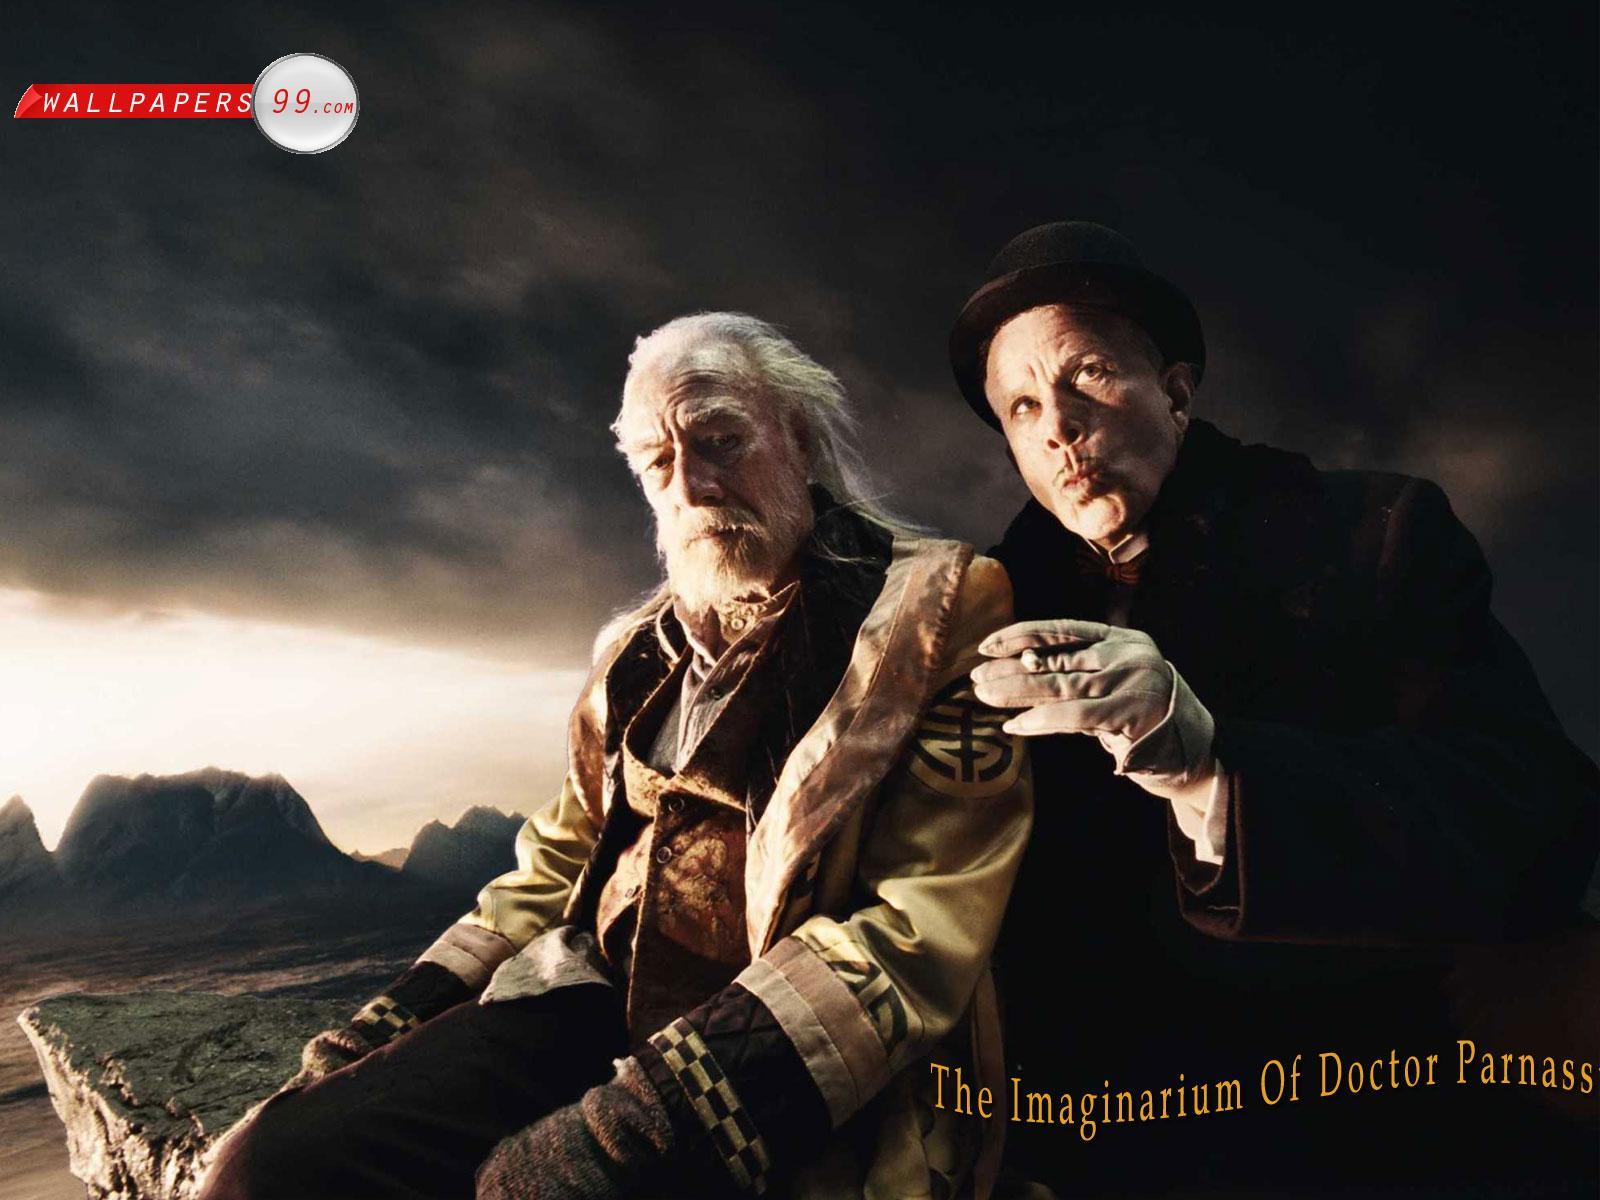 The_Imaginarium_Of_Doctor_Parnassus_18570.jpg